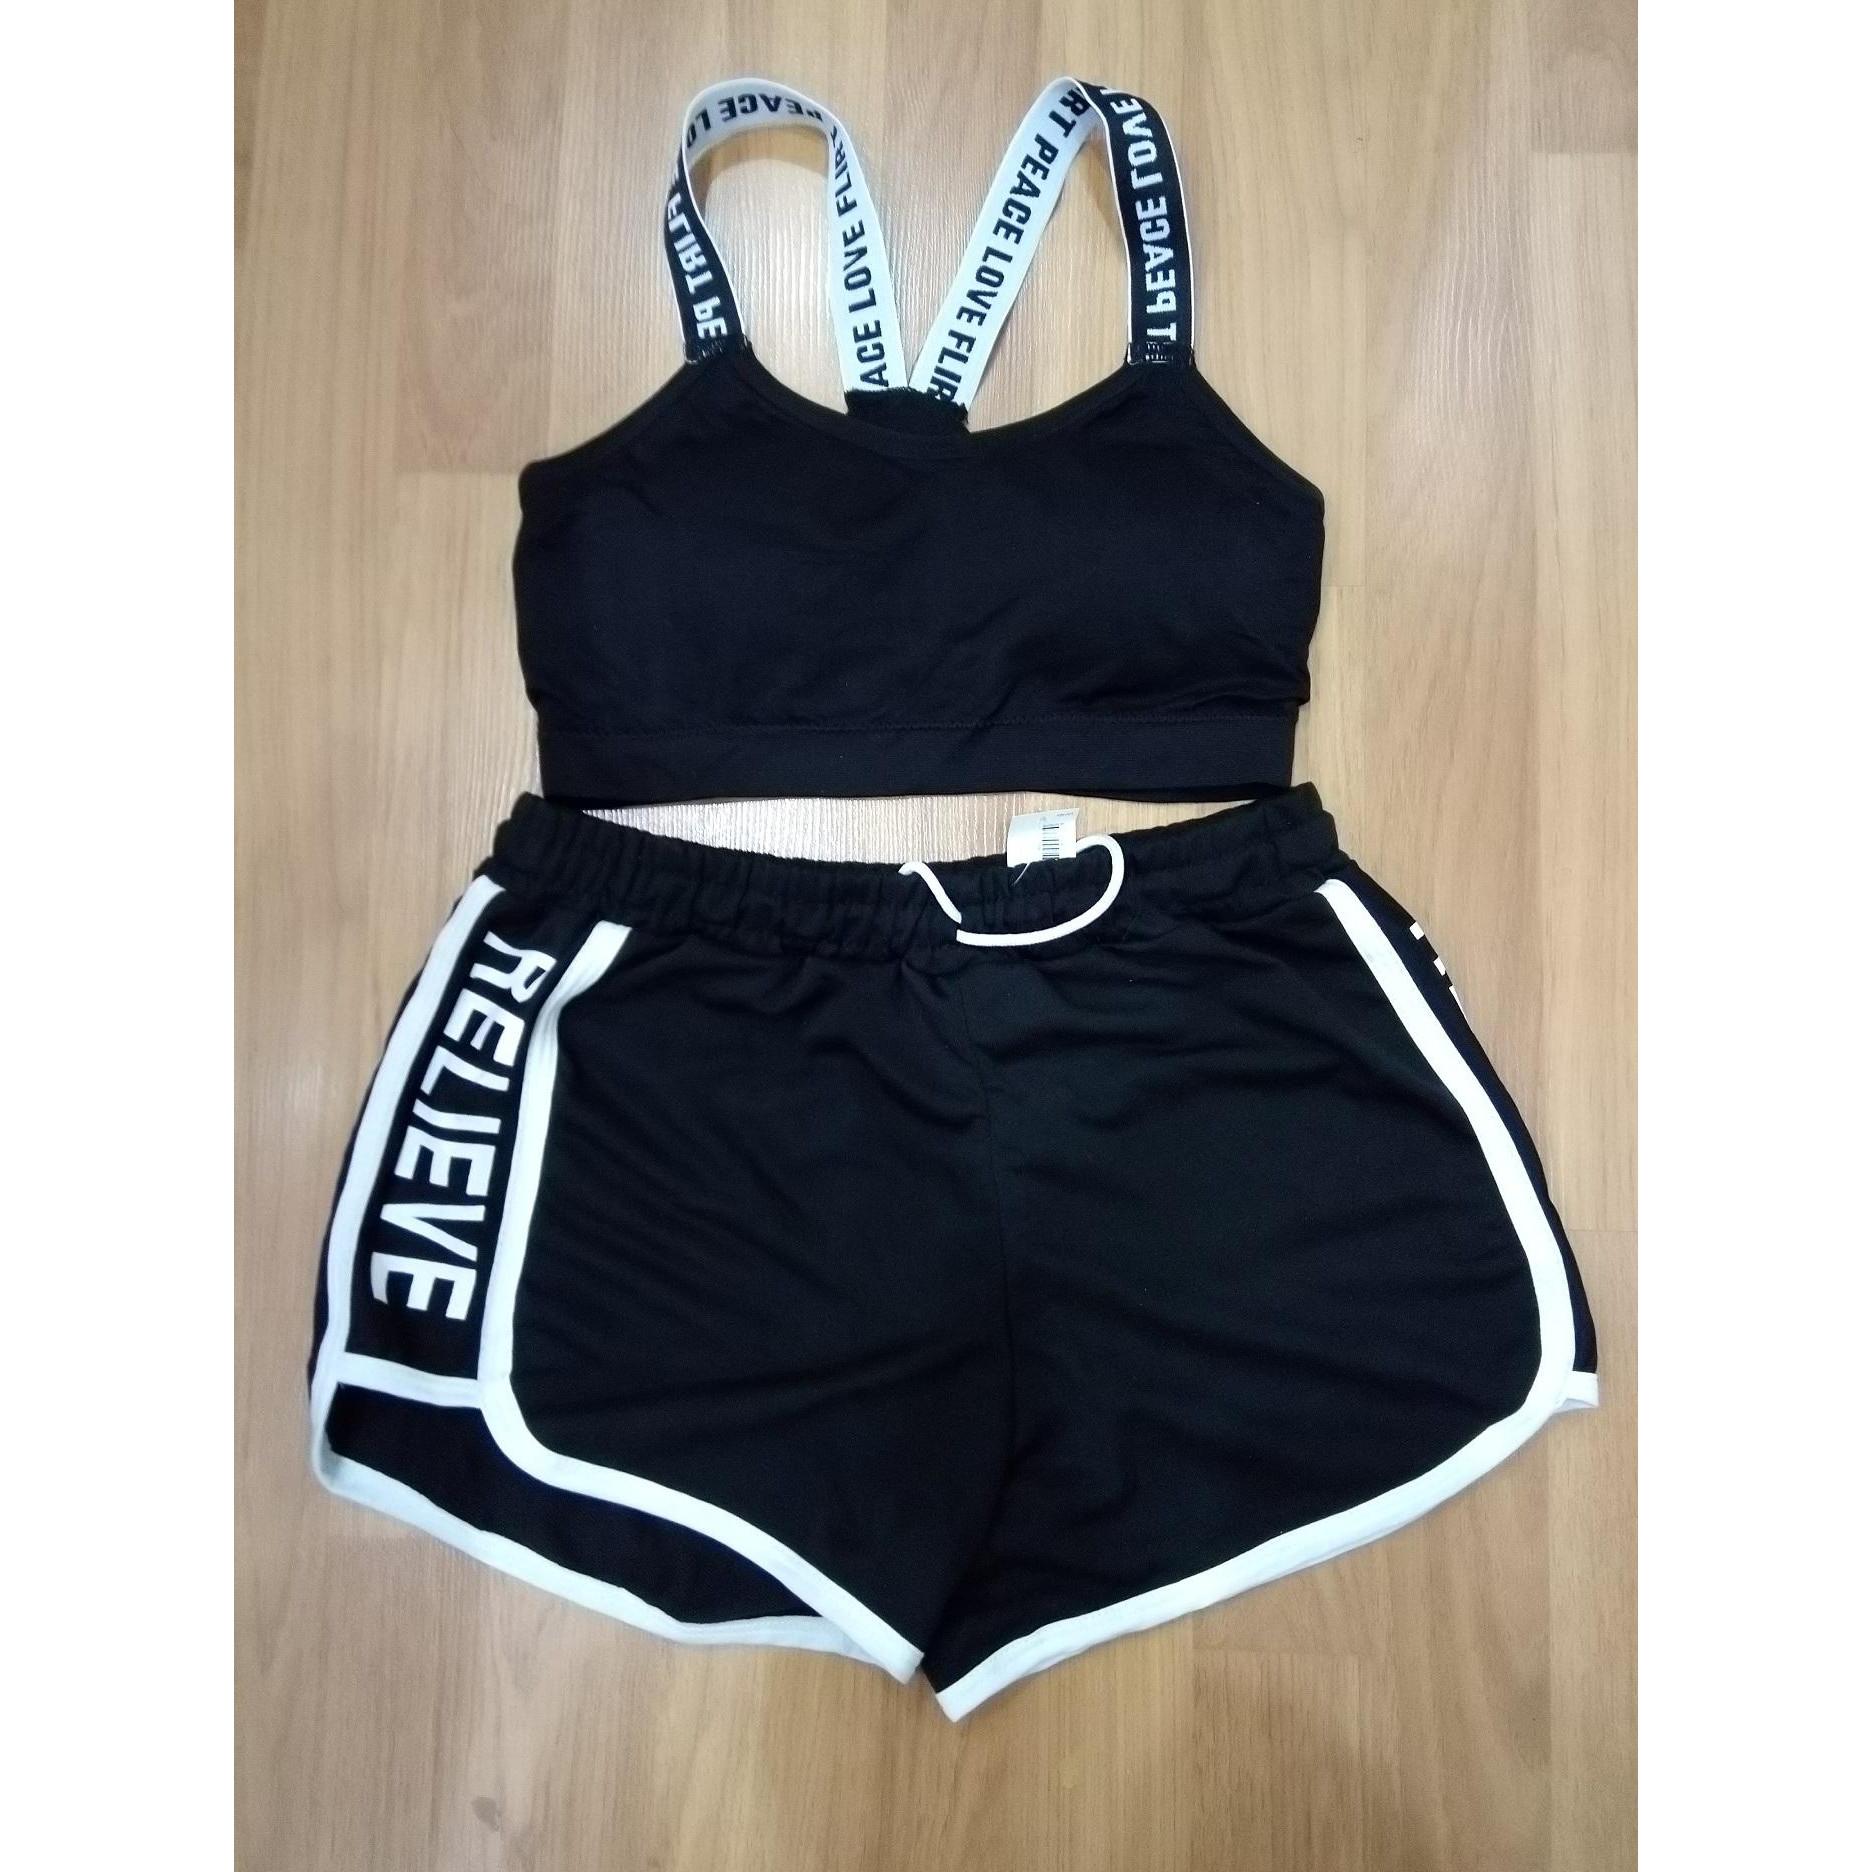 Bộ quấn áo thể thao tập gym co giãn nữ màu đen